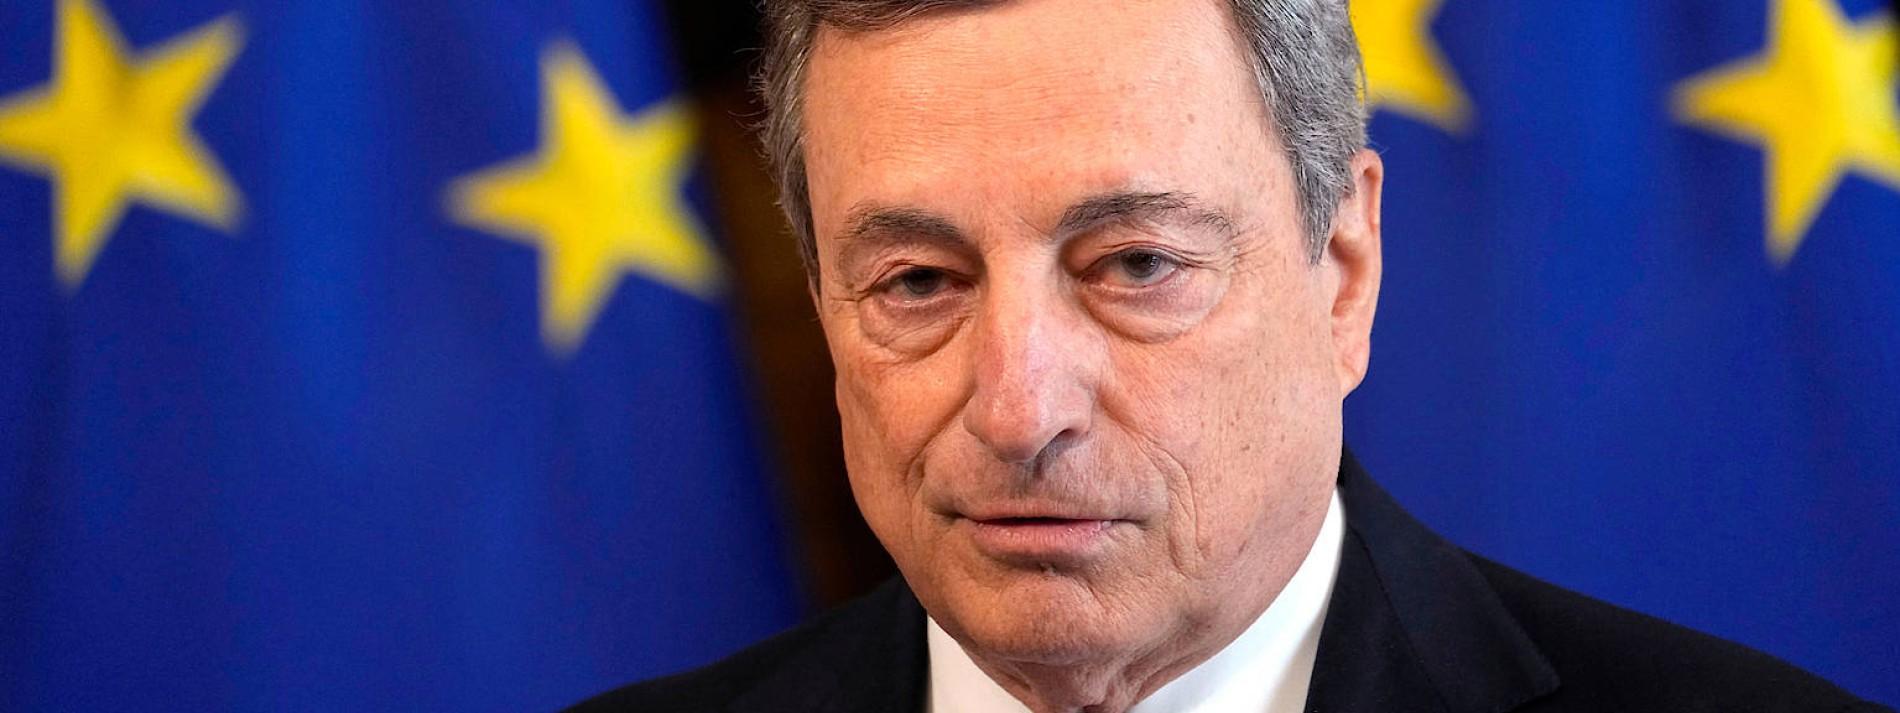 Warum Draghi fest im Sattel sitzt